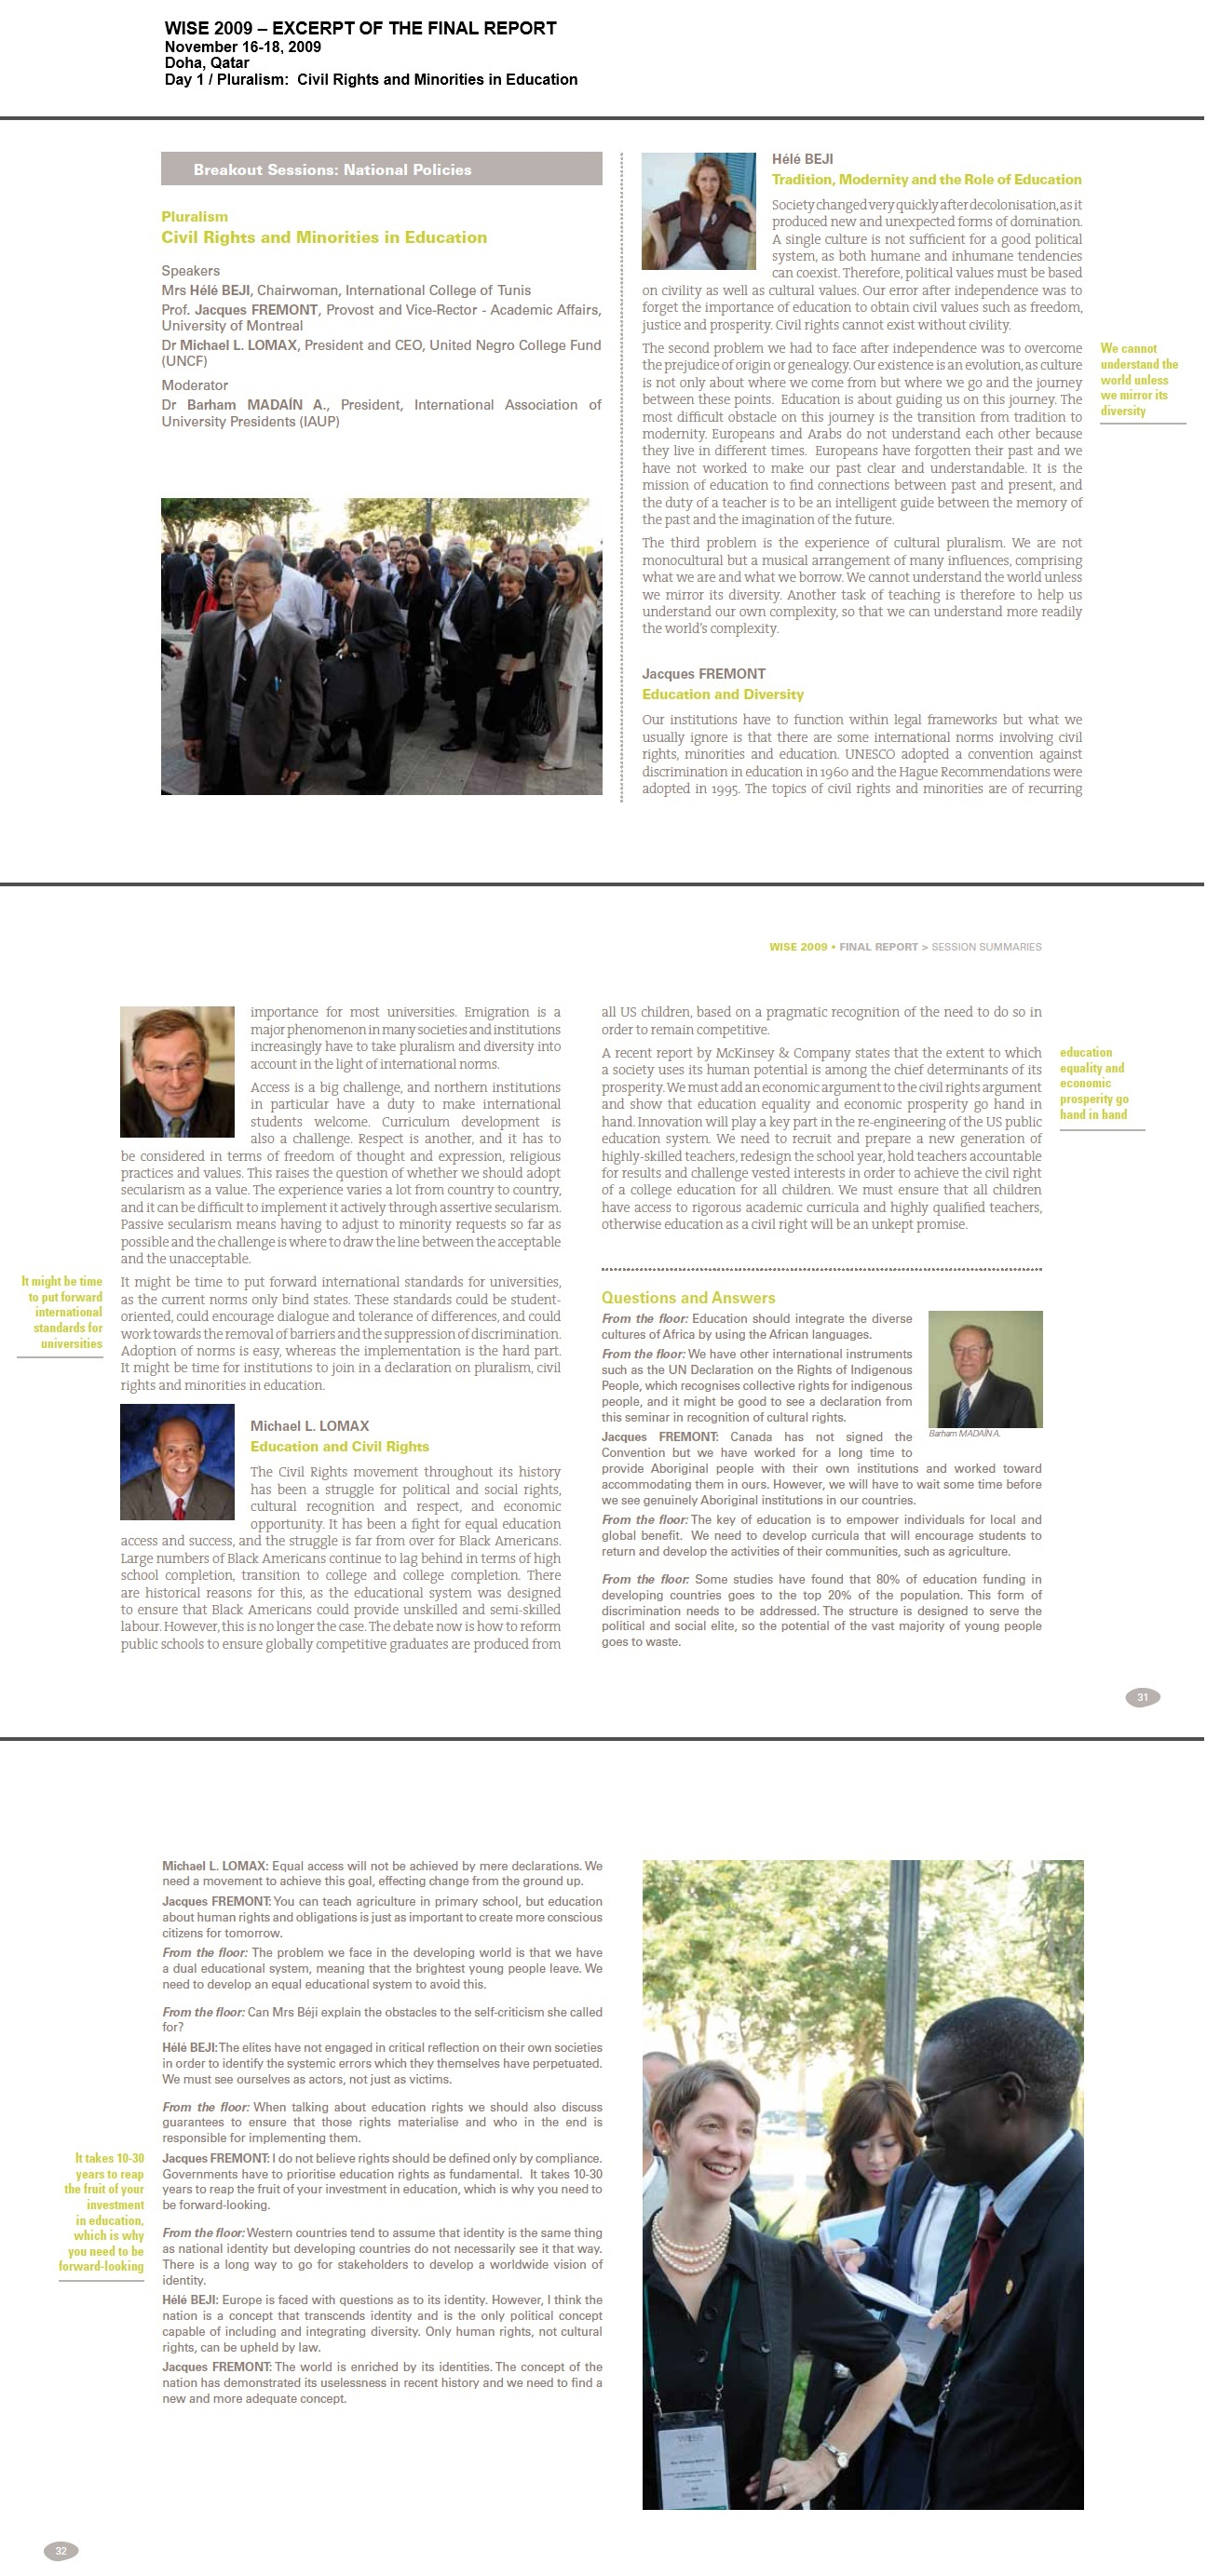 WISE 2009 Excerpt Final Report